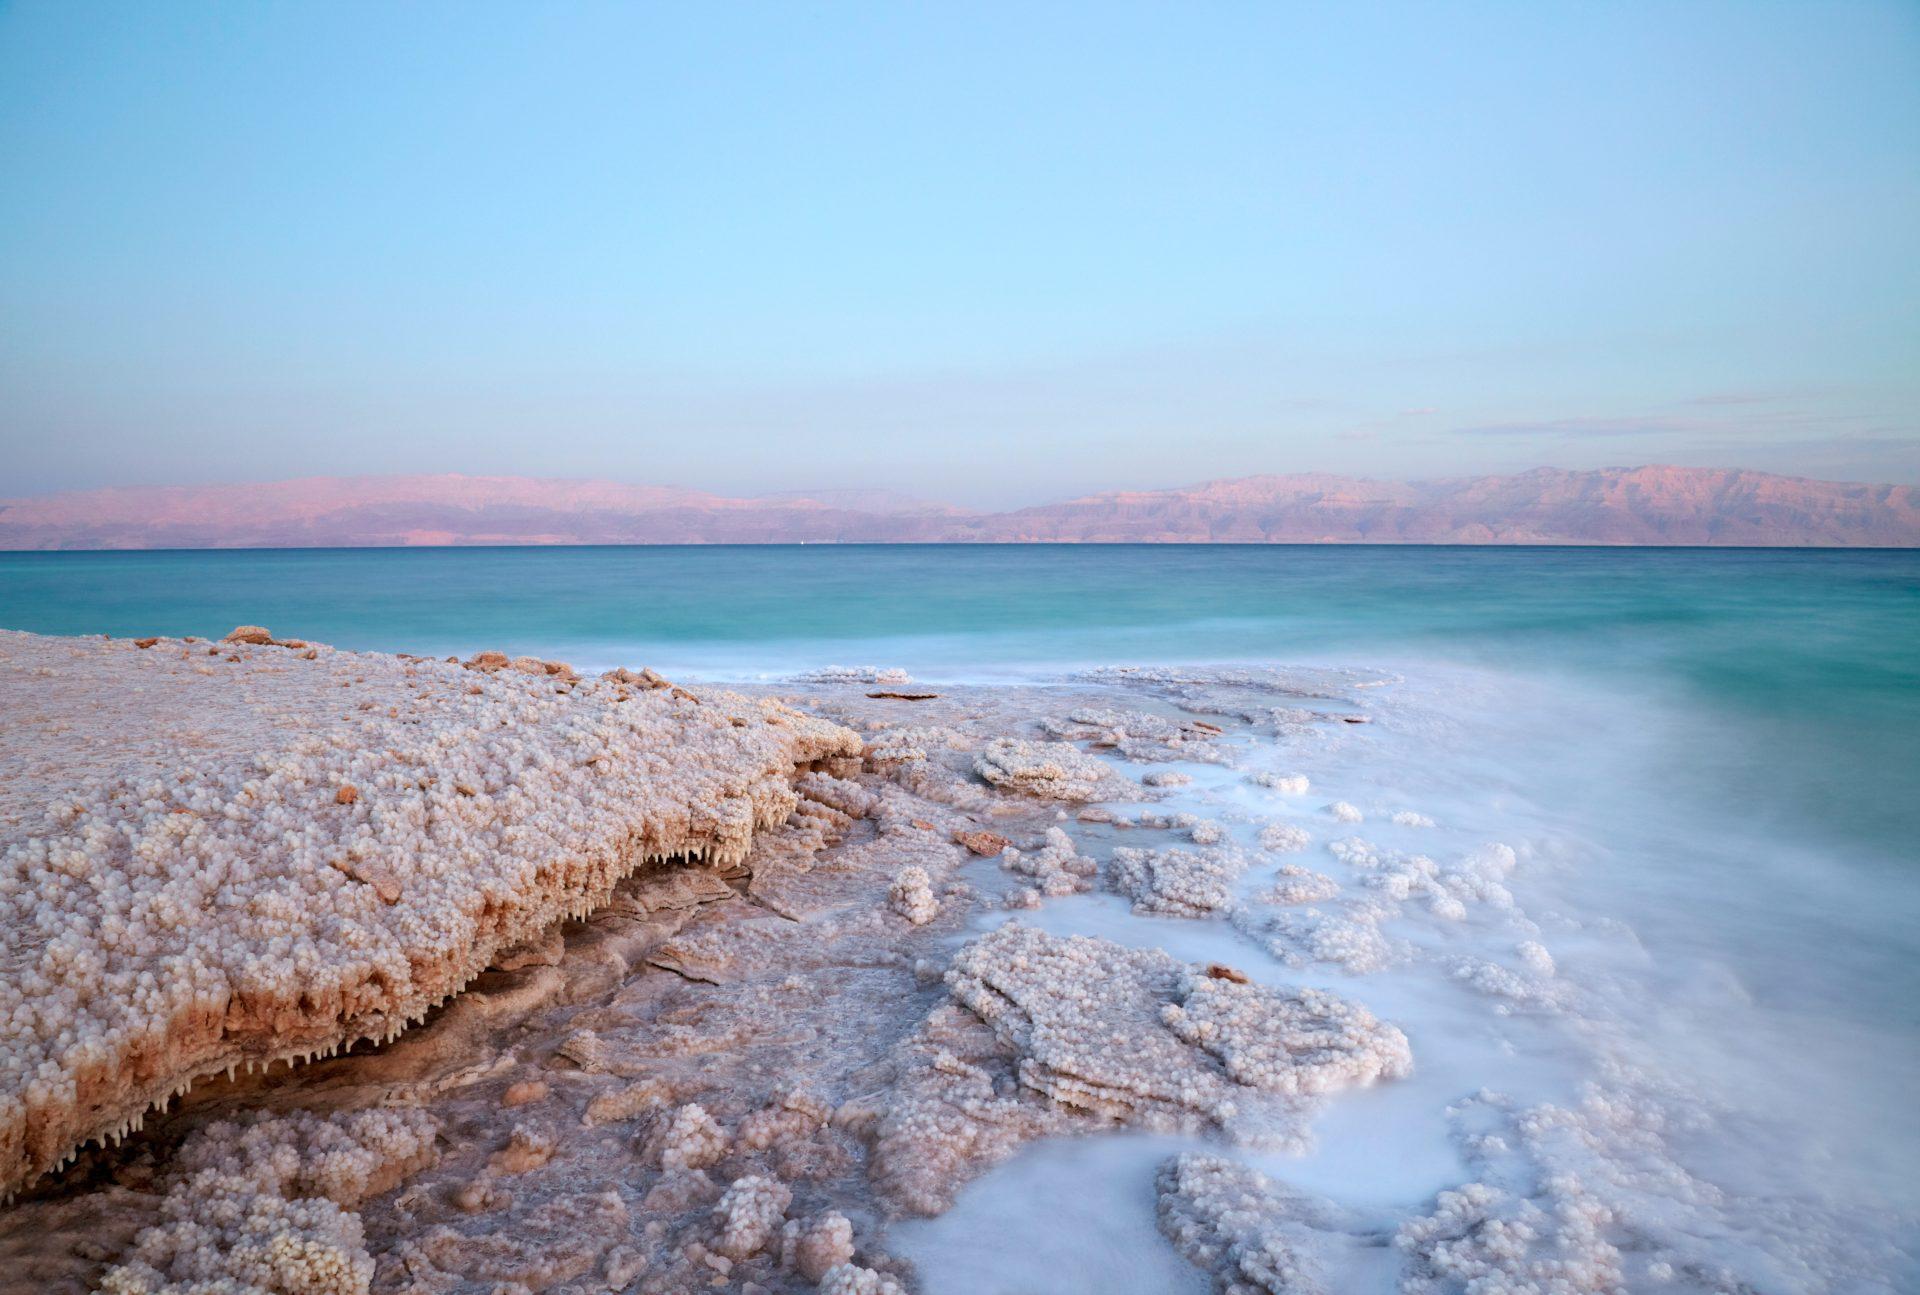 Küste am Toten Meer